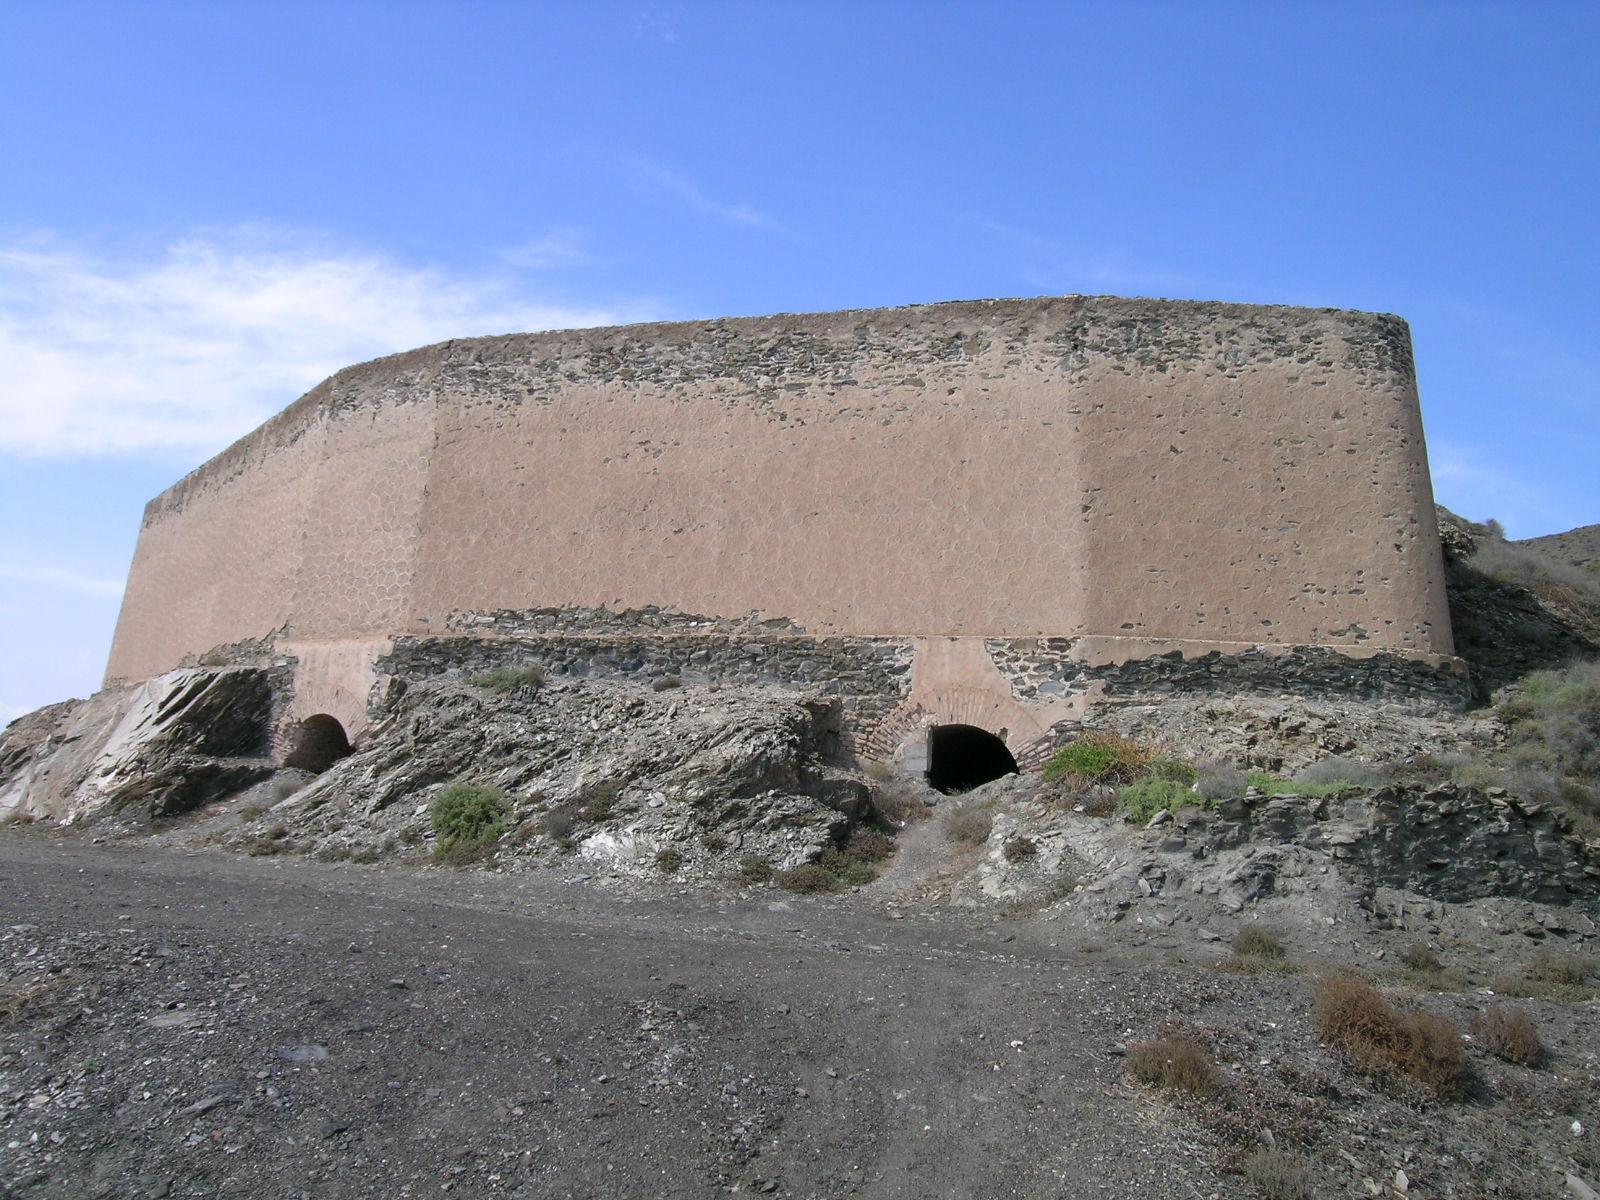 Depósito tolva de hierro del antiguo embarcadero de Cala de las Conchas © Fotografía: Alfonso Ruiz